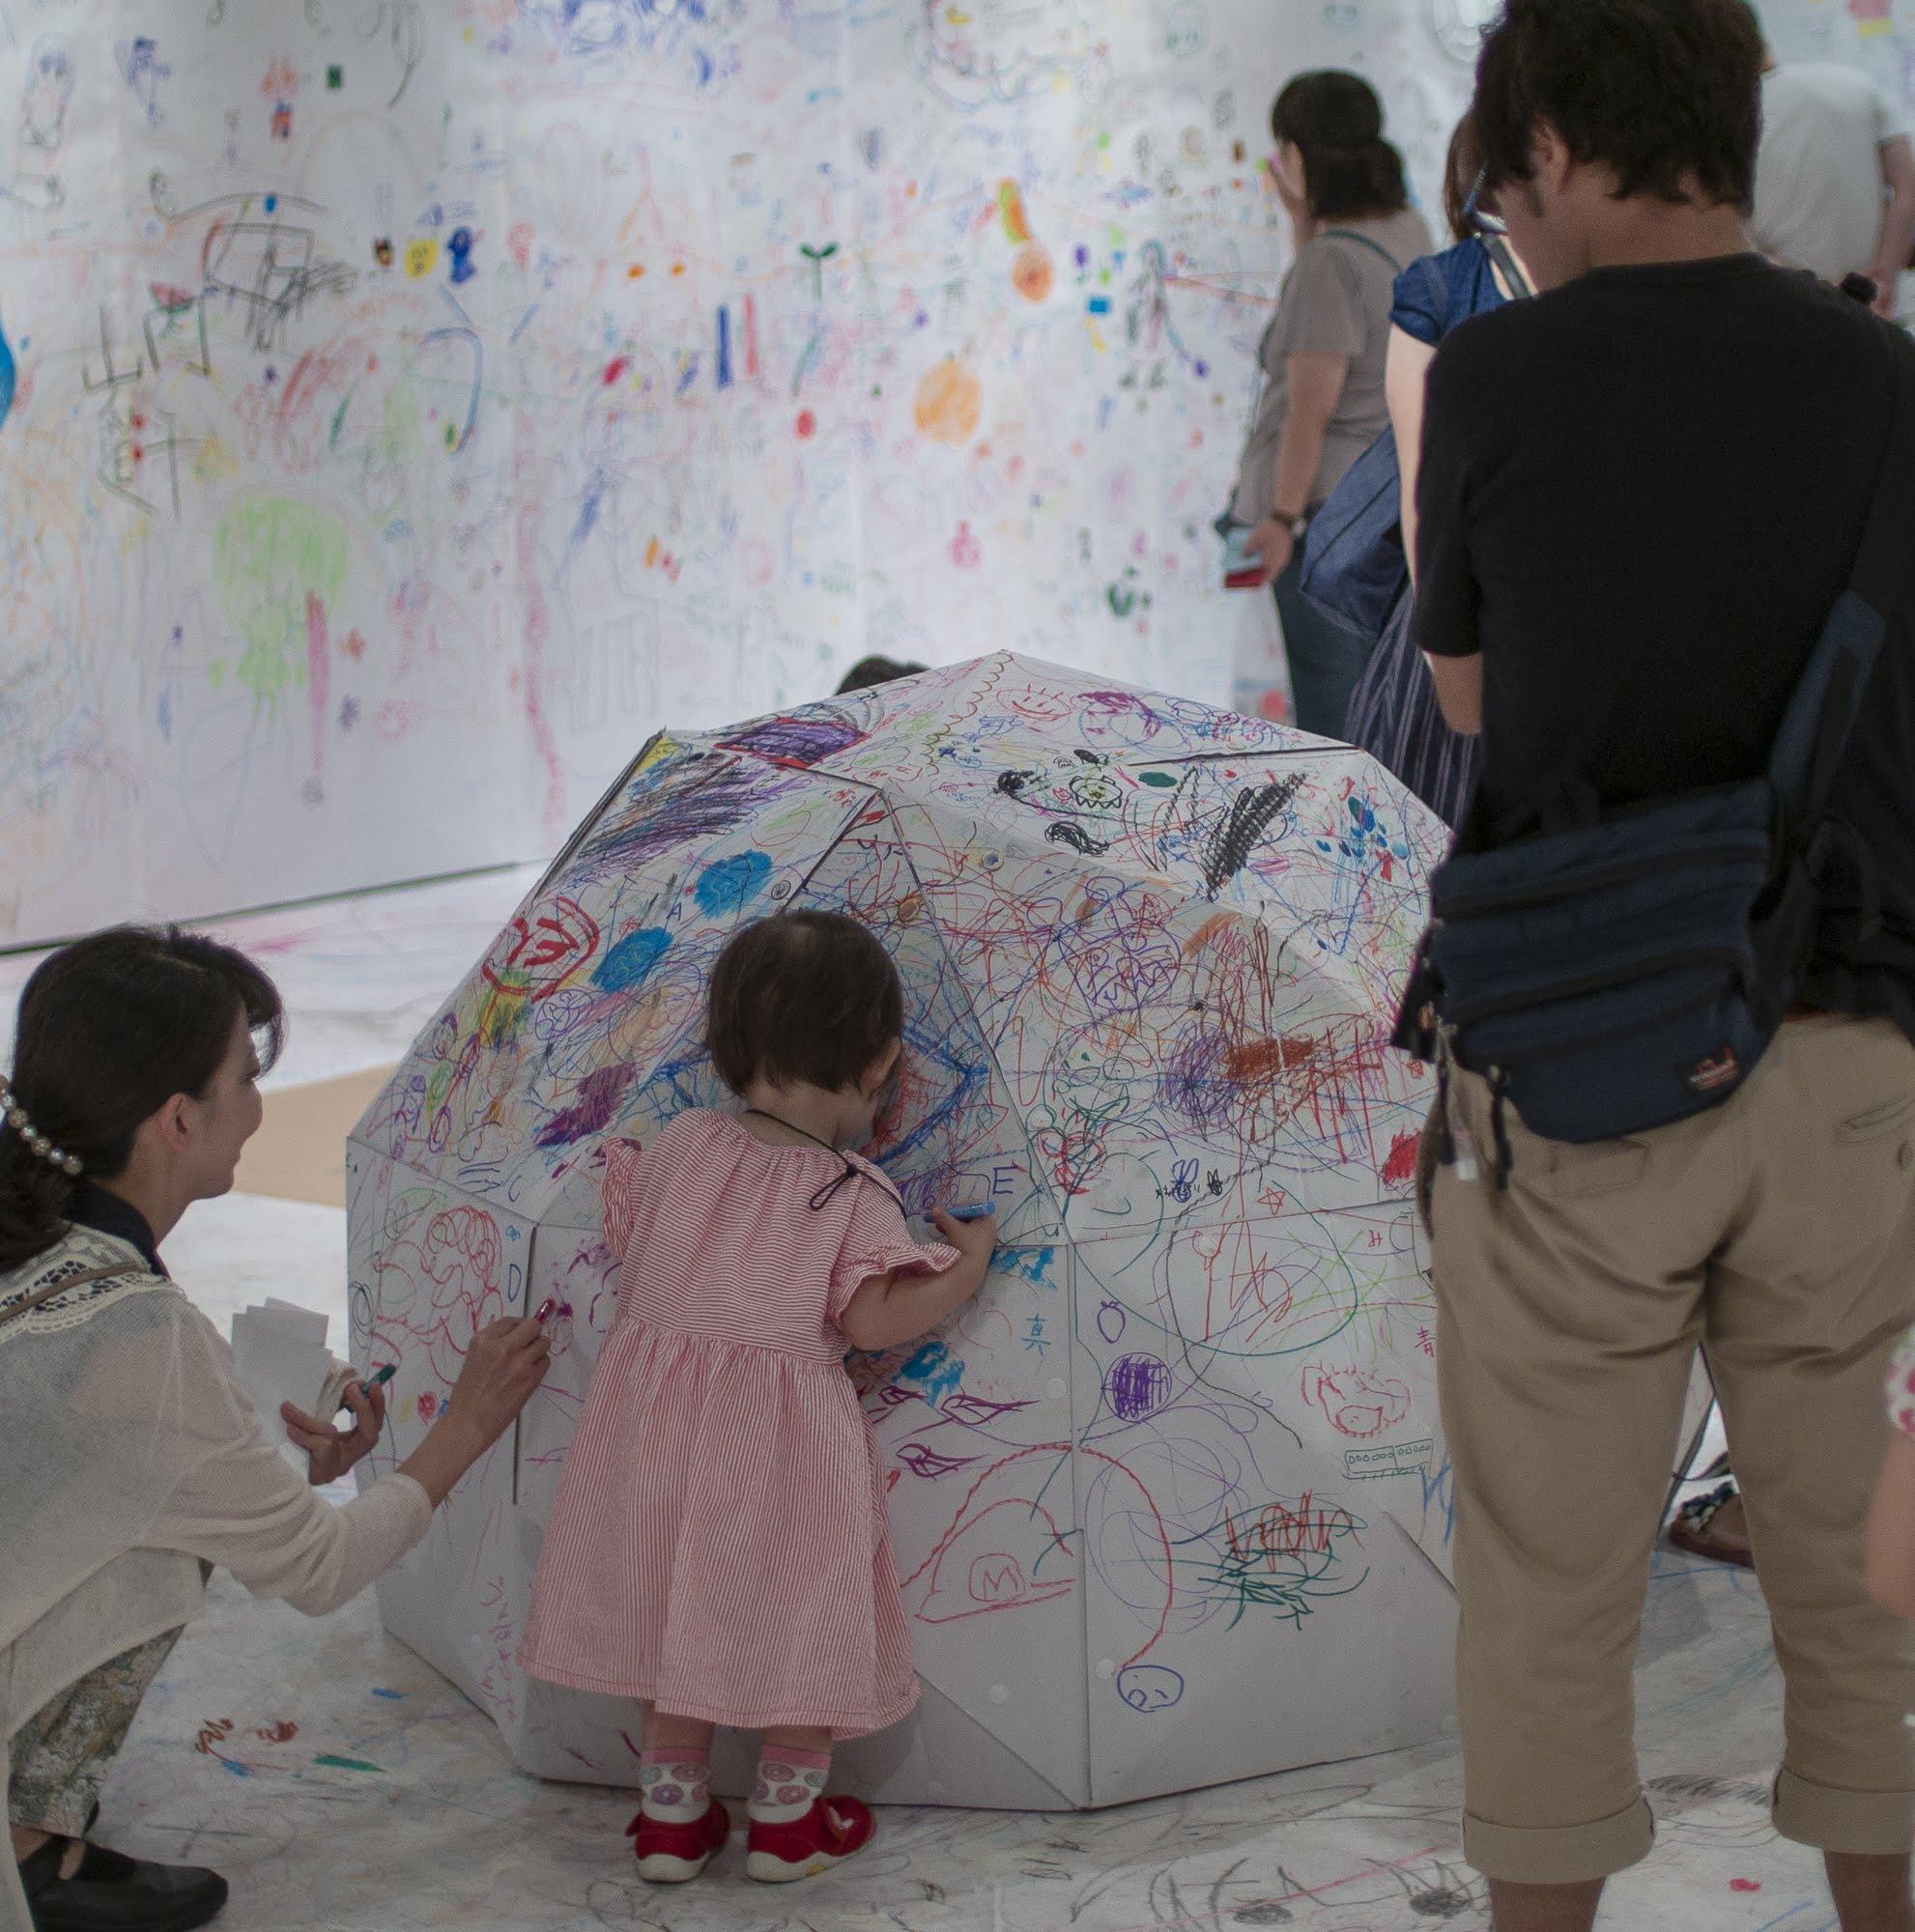 堺市立東文化会館で開催中の「らくがきパラダイス」でペーパードームの「らくがきドーム」が活躍中